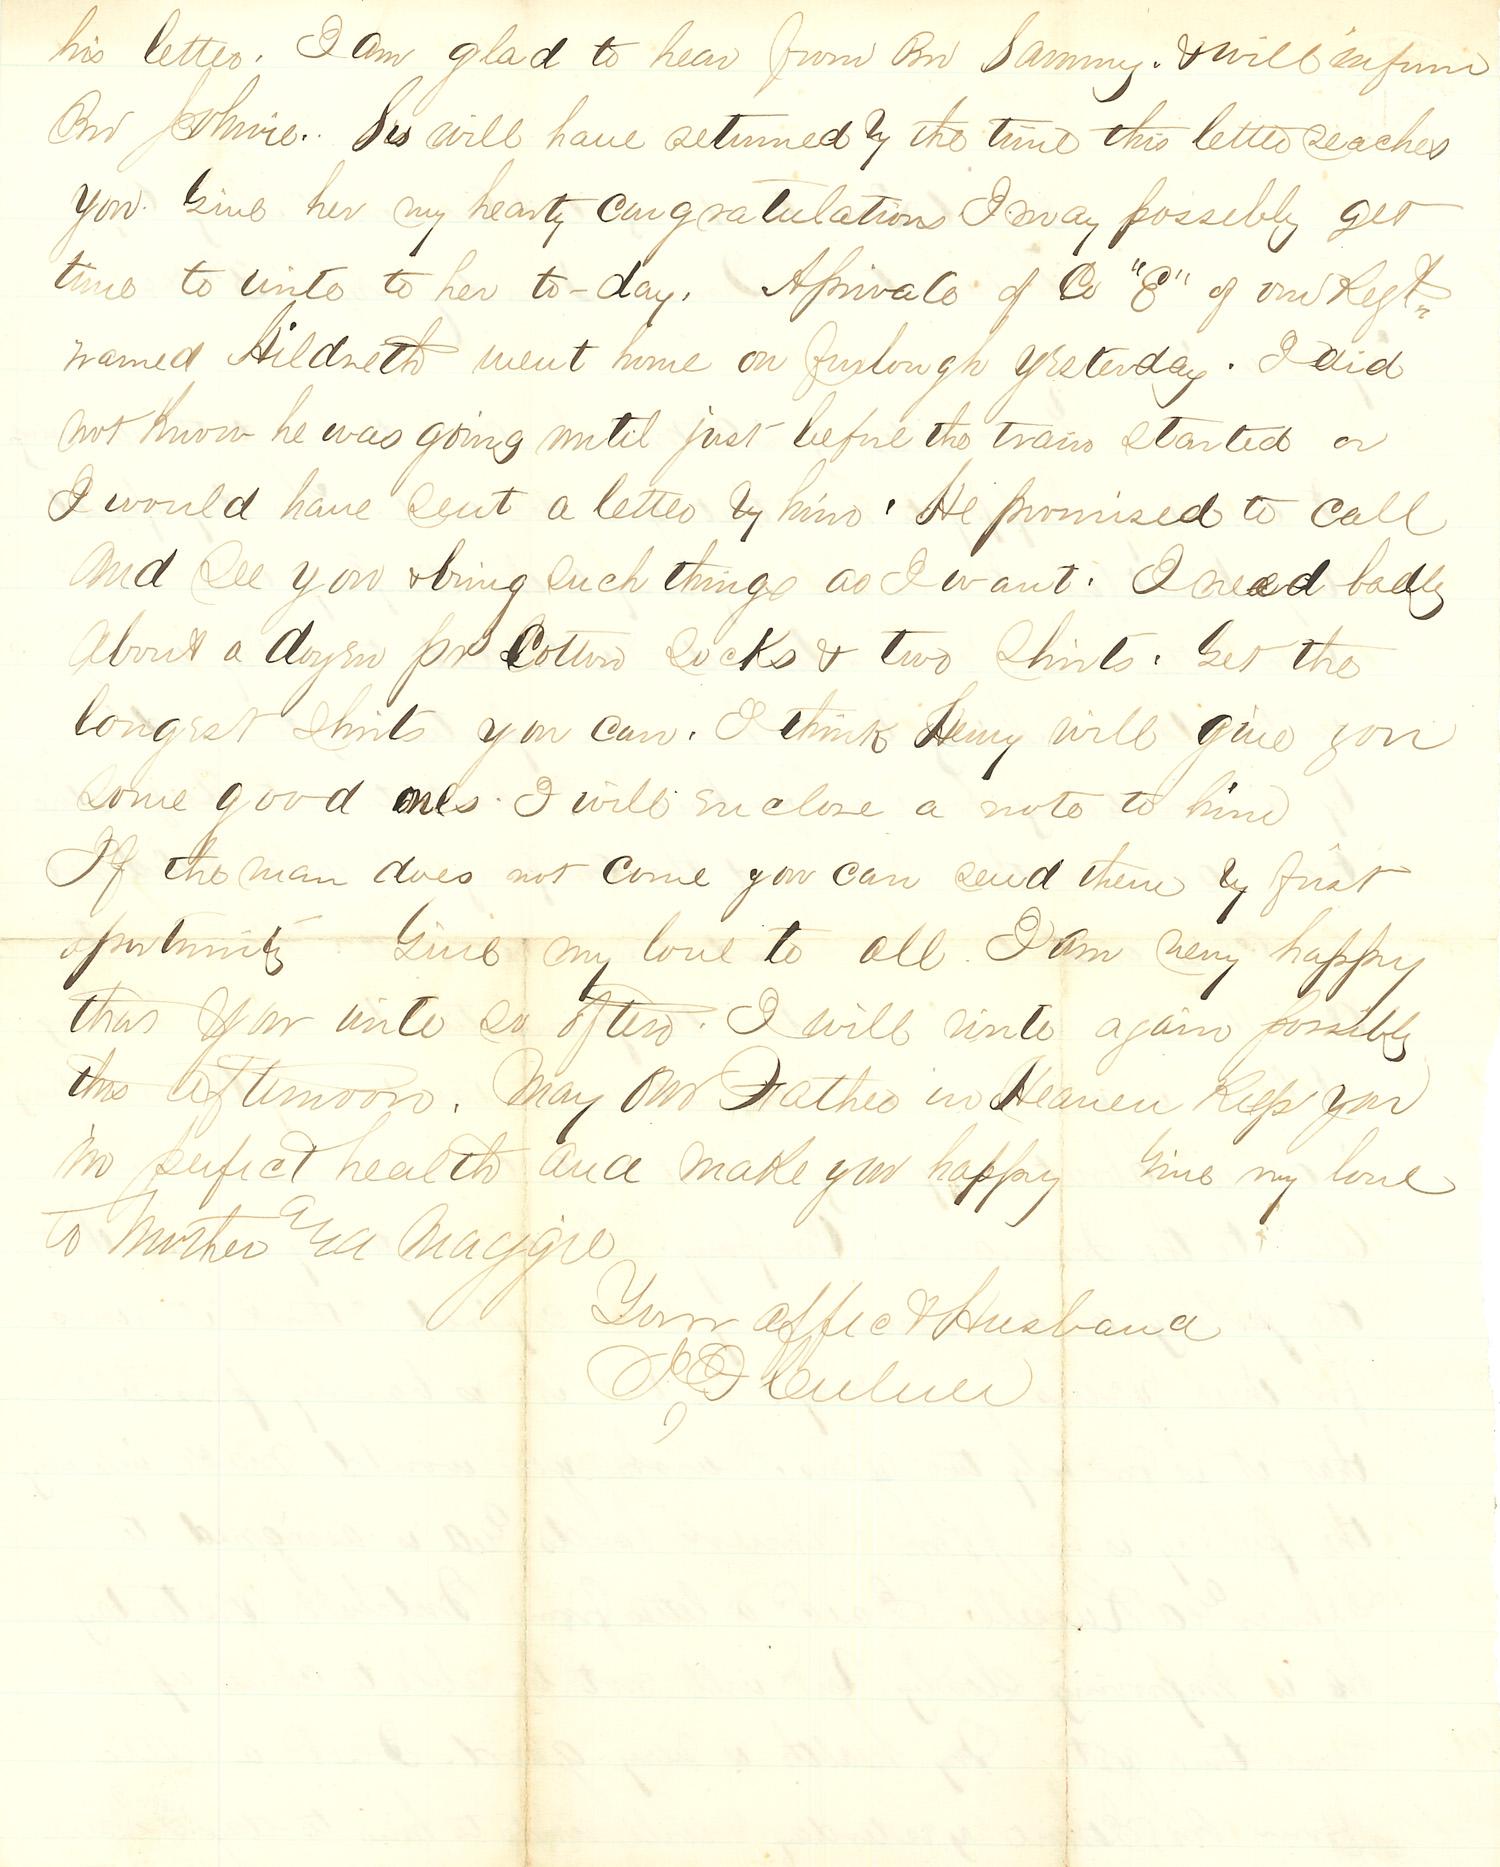 Joseph Culver Letter, April 3, 1864, Page 2